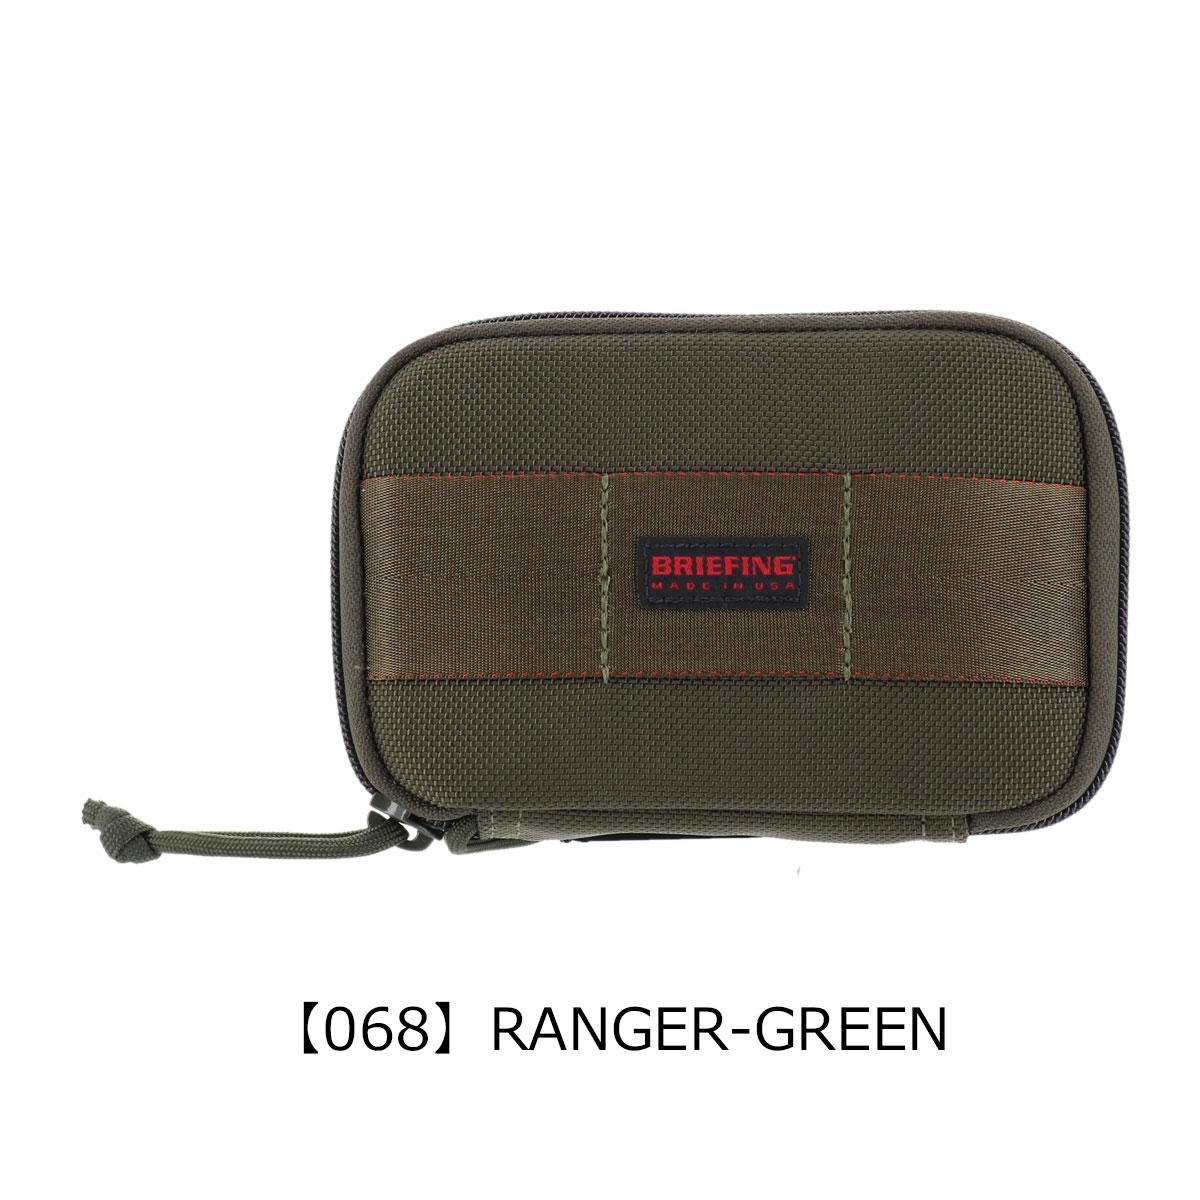 【068】RANGER-GREEN